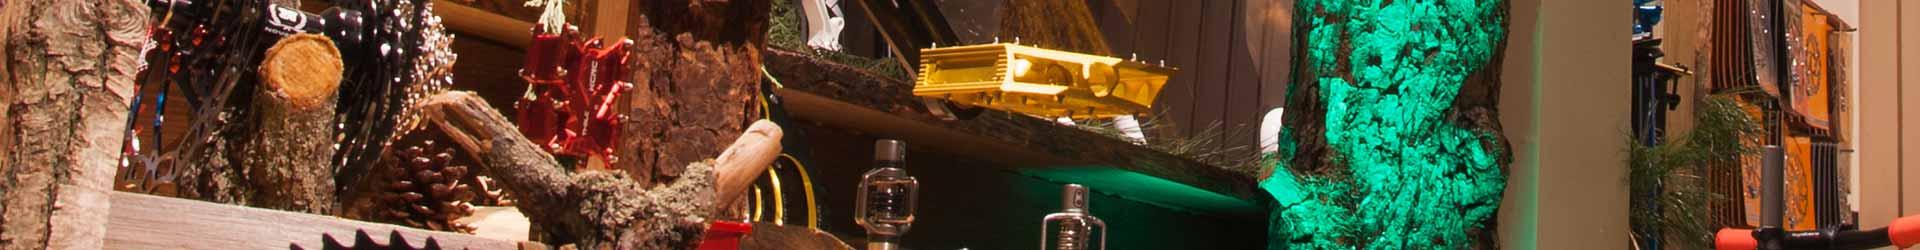 Feinste Leichtbau-Komponenten von KCNC & Co.